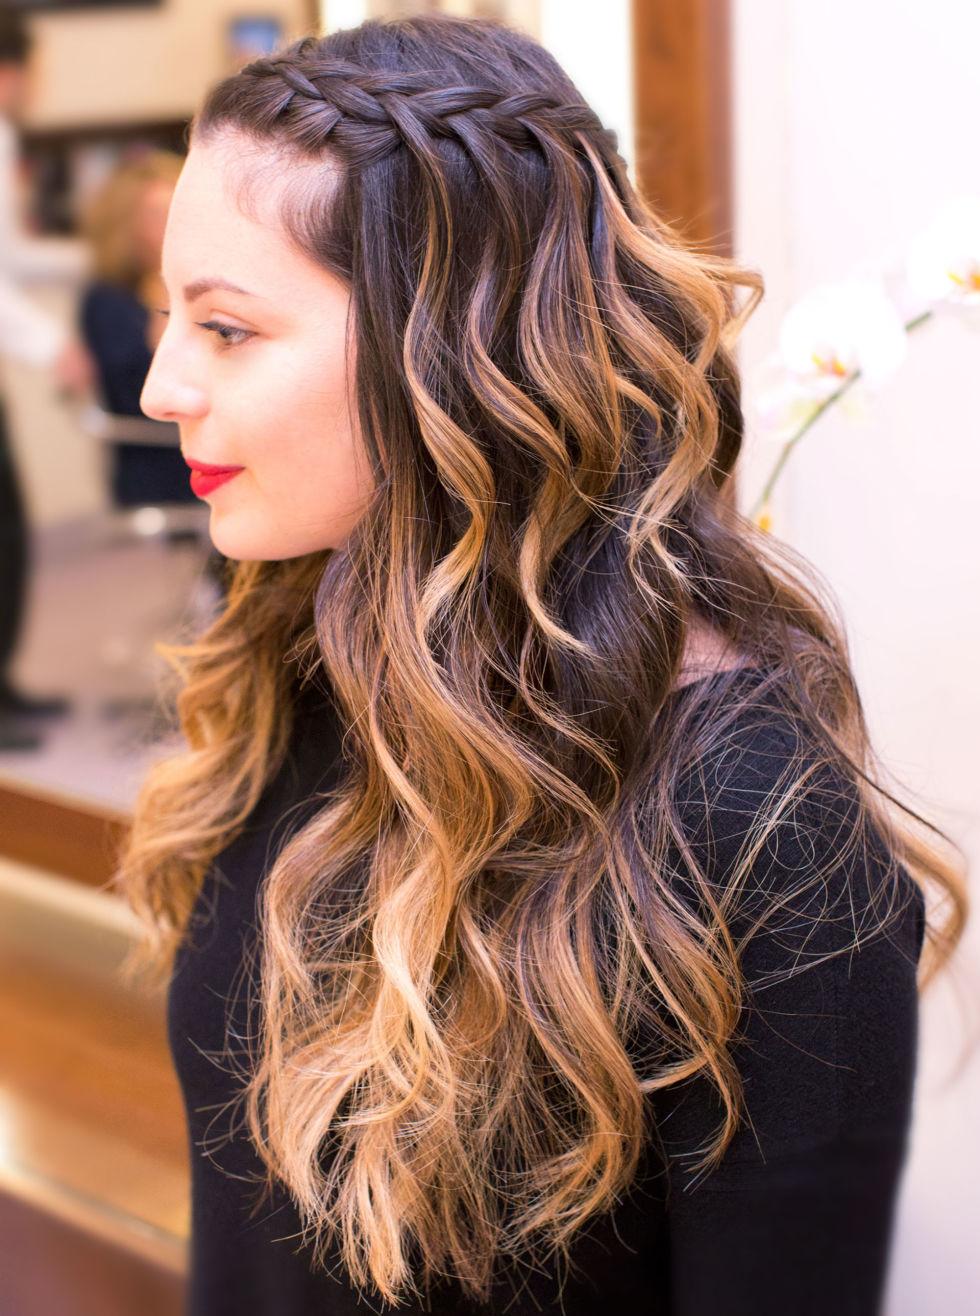 braided hairstyles hair down | fade haircut